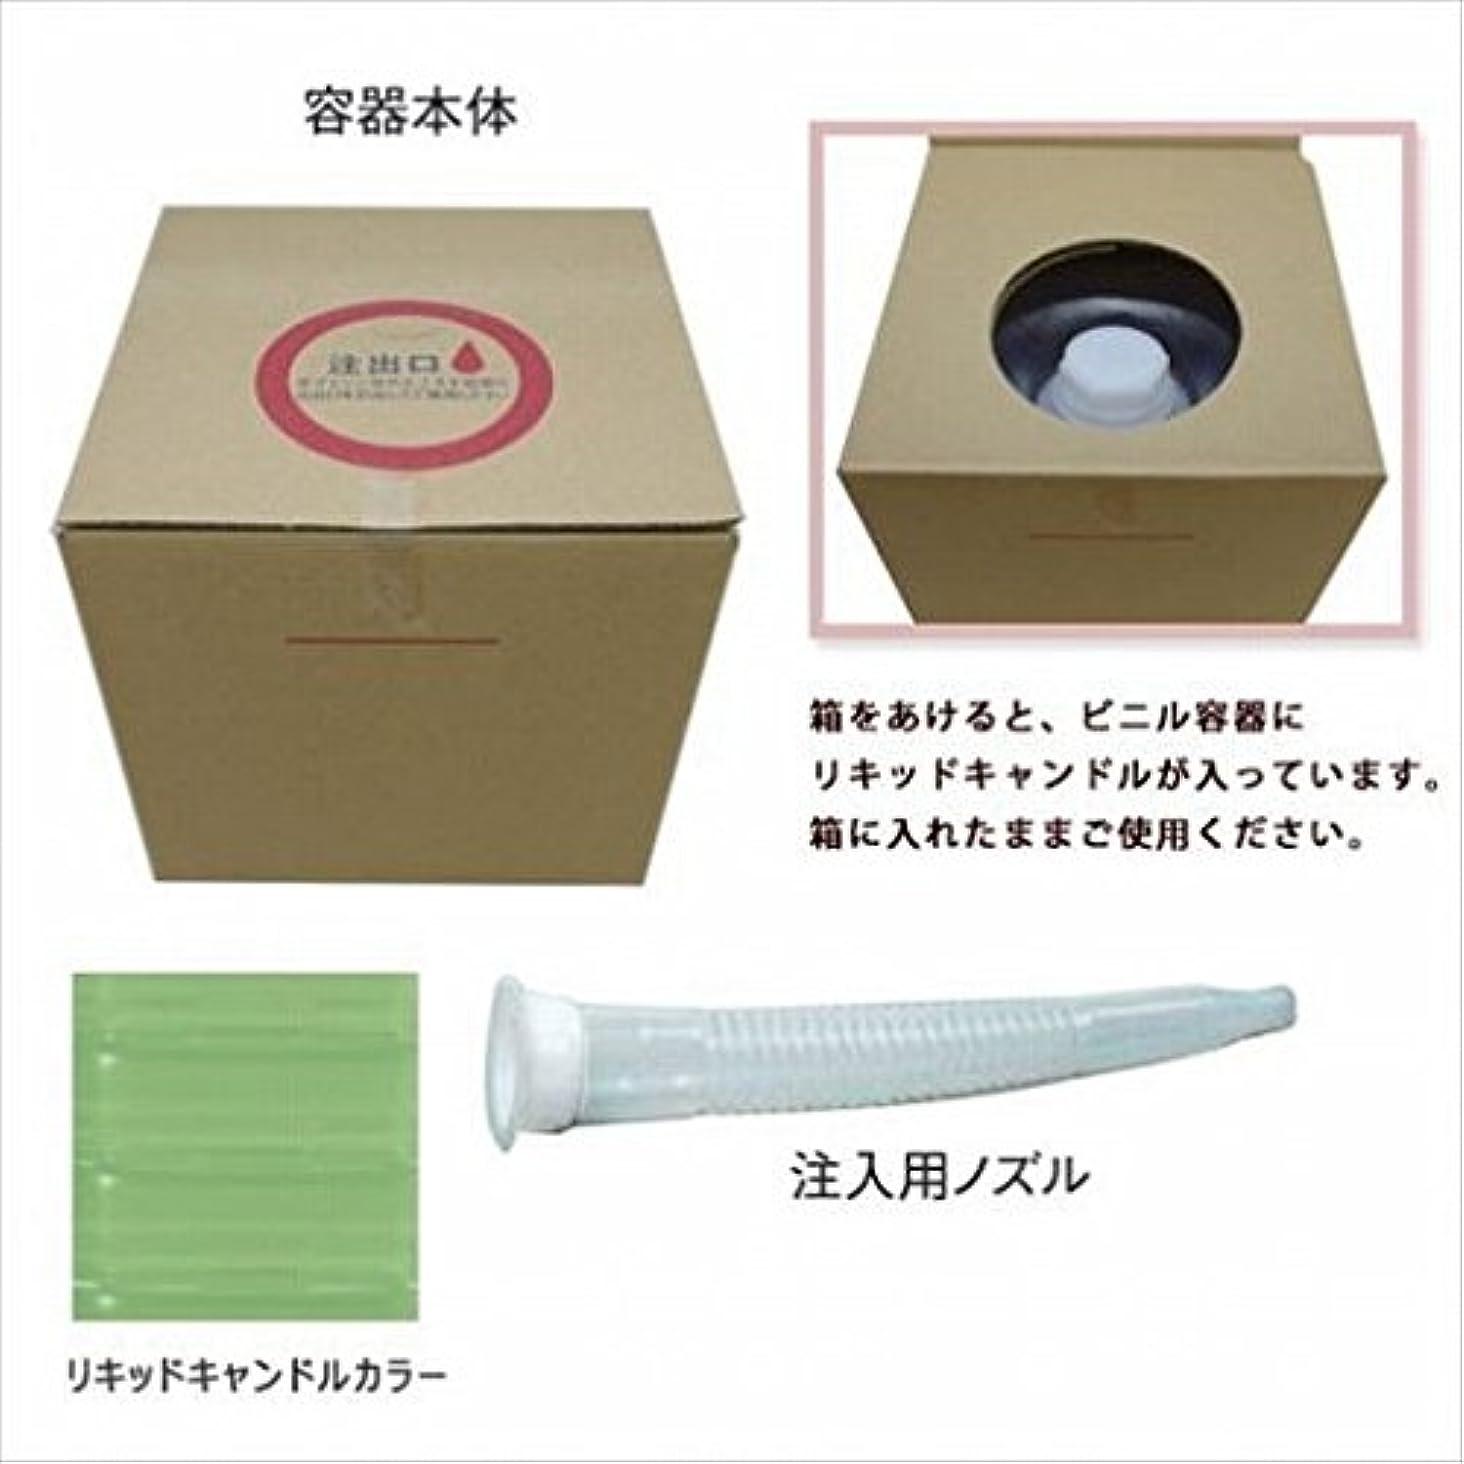 お尻真剣に伸ばすkameyama candle(カメヤマキャンドル) リキッドキャンドル5リットル 「 ライトグリーン 」(77320000LG)